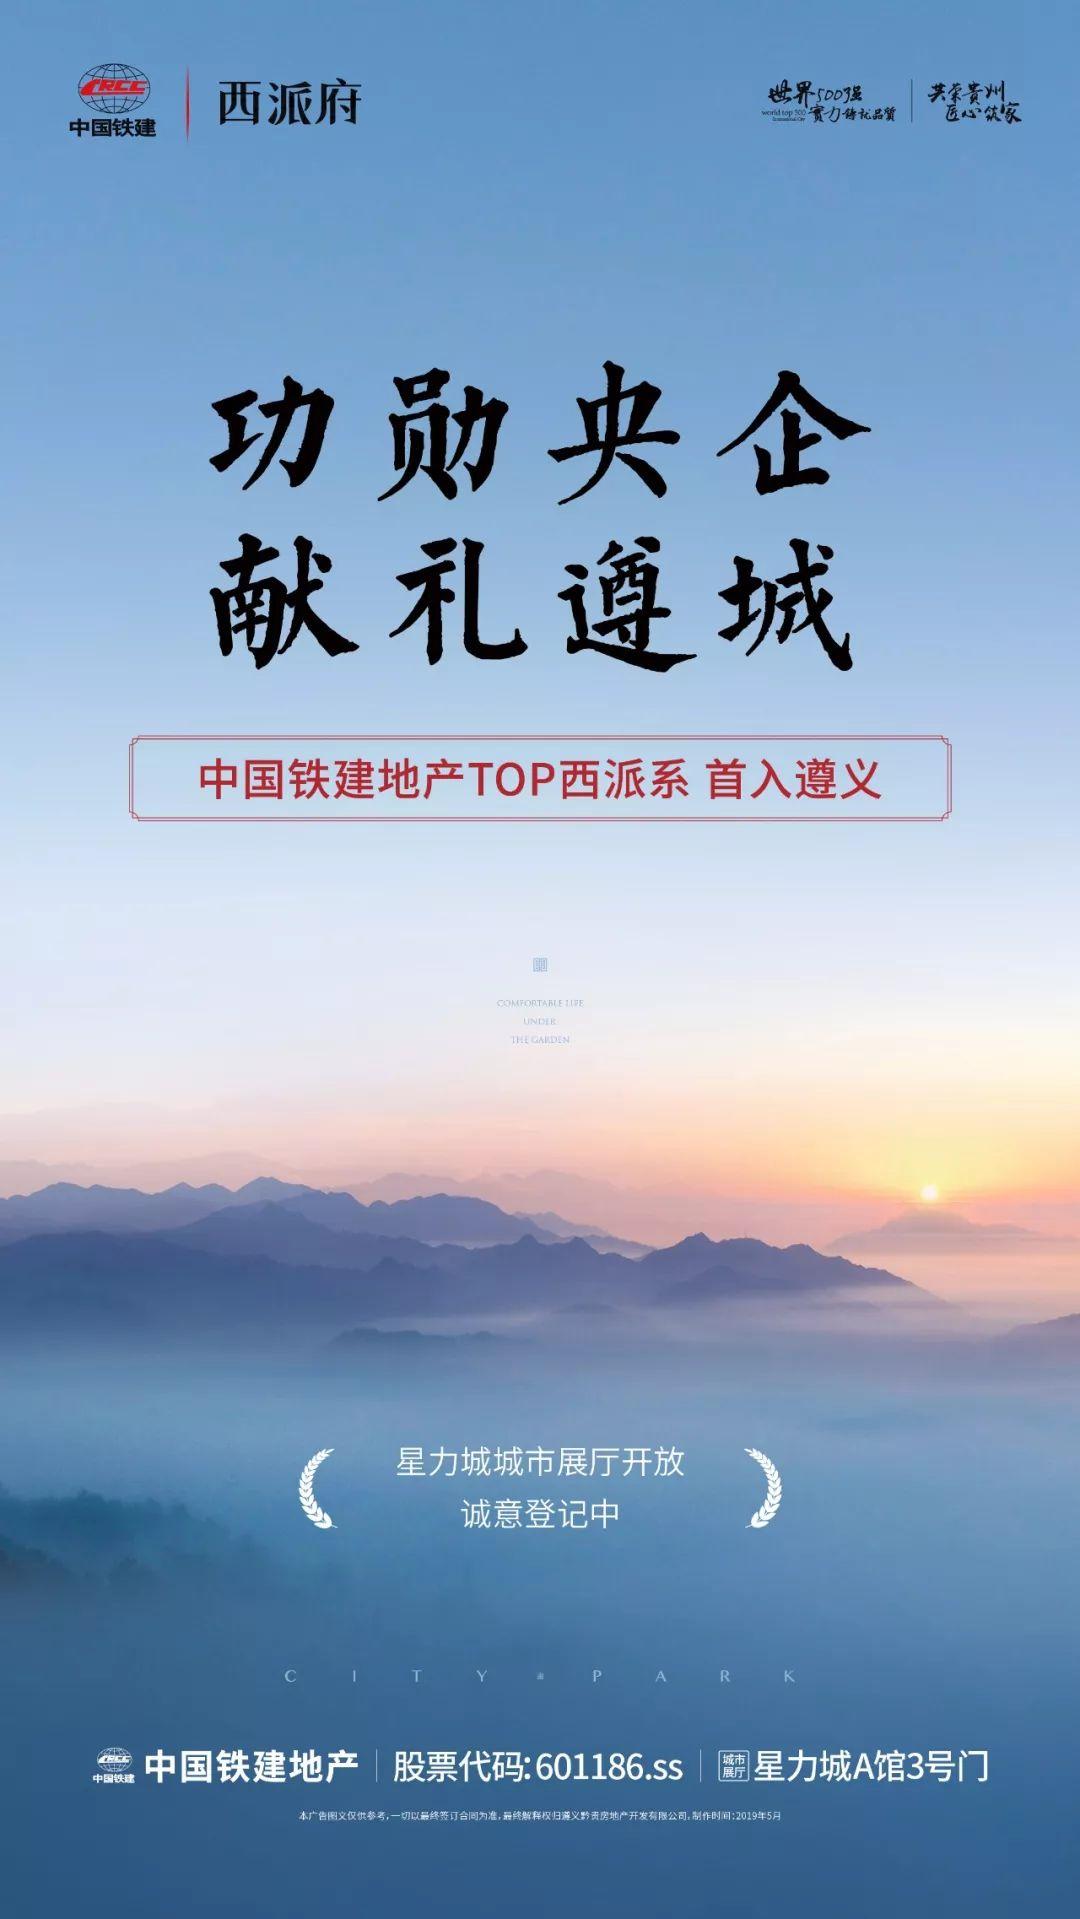 中铁建地产贵州  匠心之鎏 时光在建筑里沉淀 诉说生活的艺术 -中国网地产